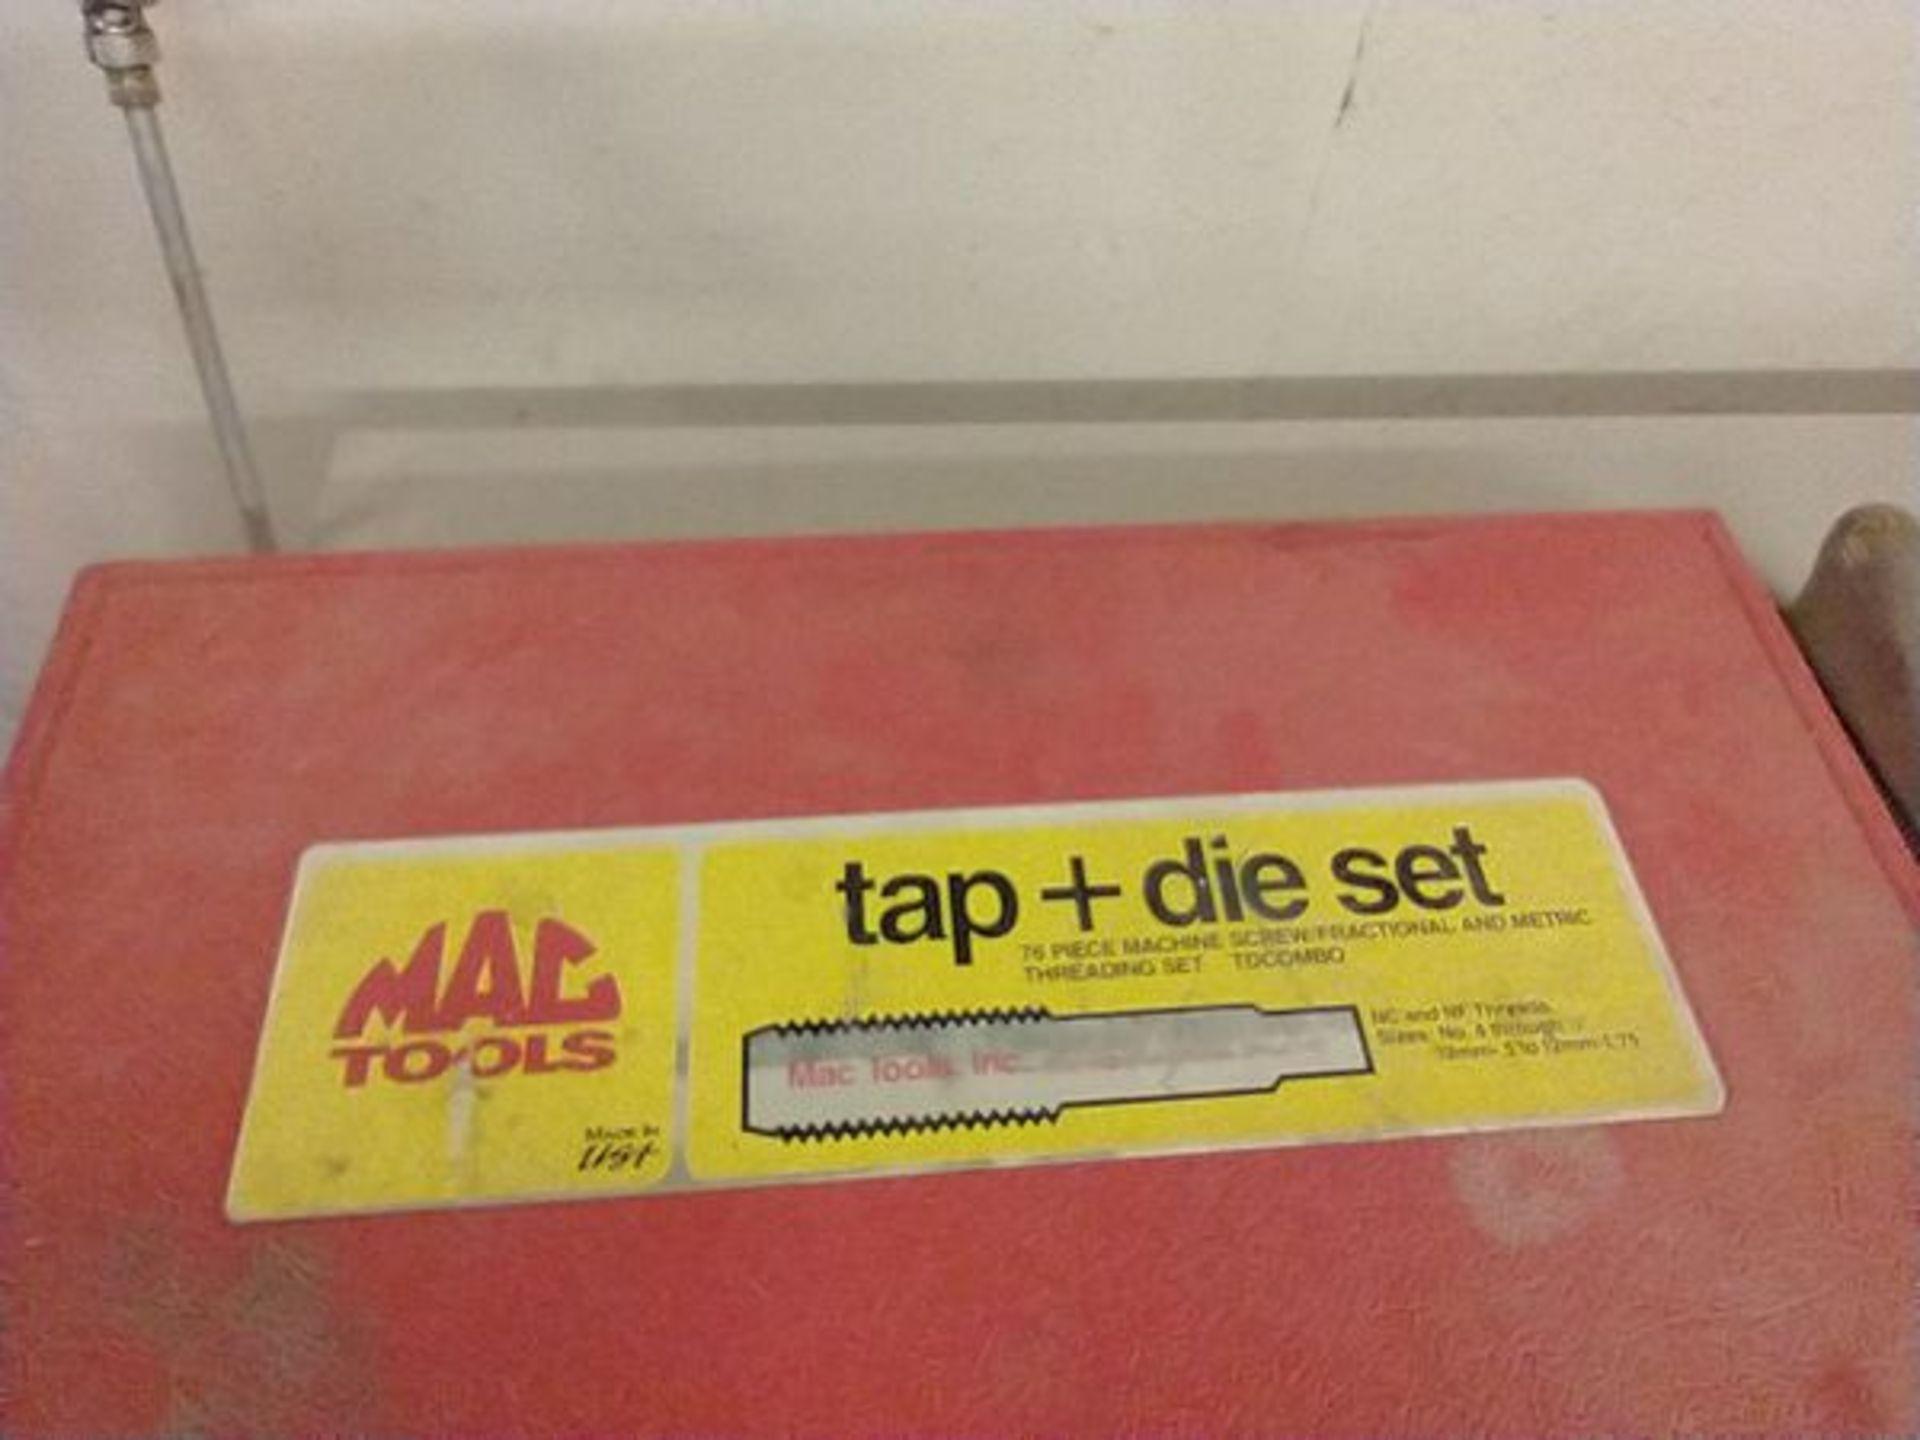 MAC 76PC TAP AND DIE SET - Image 5 of 5